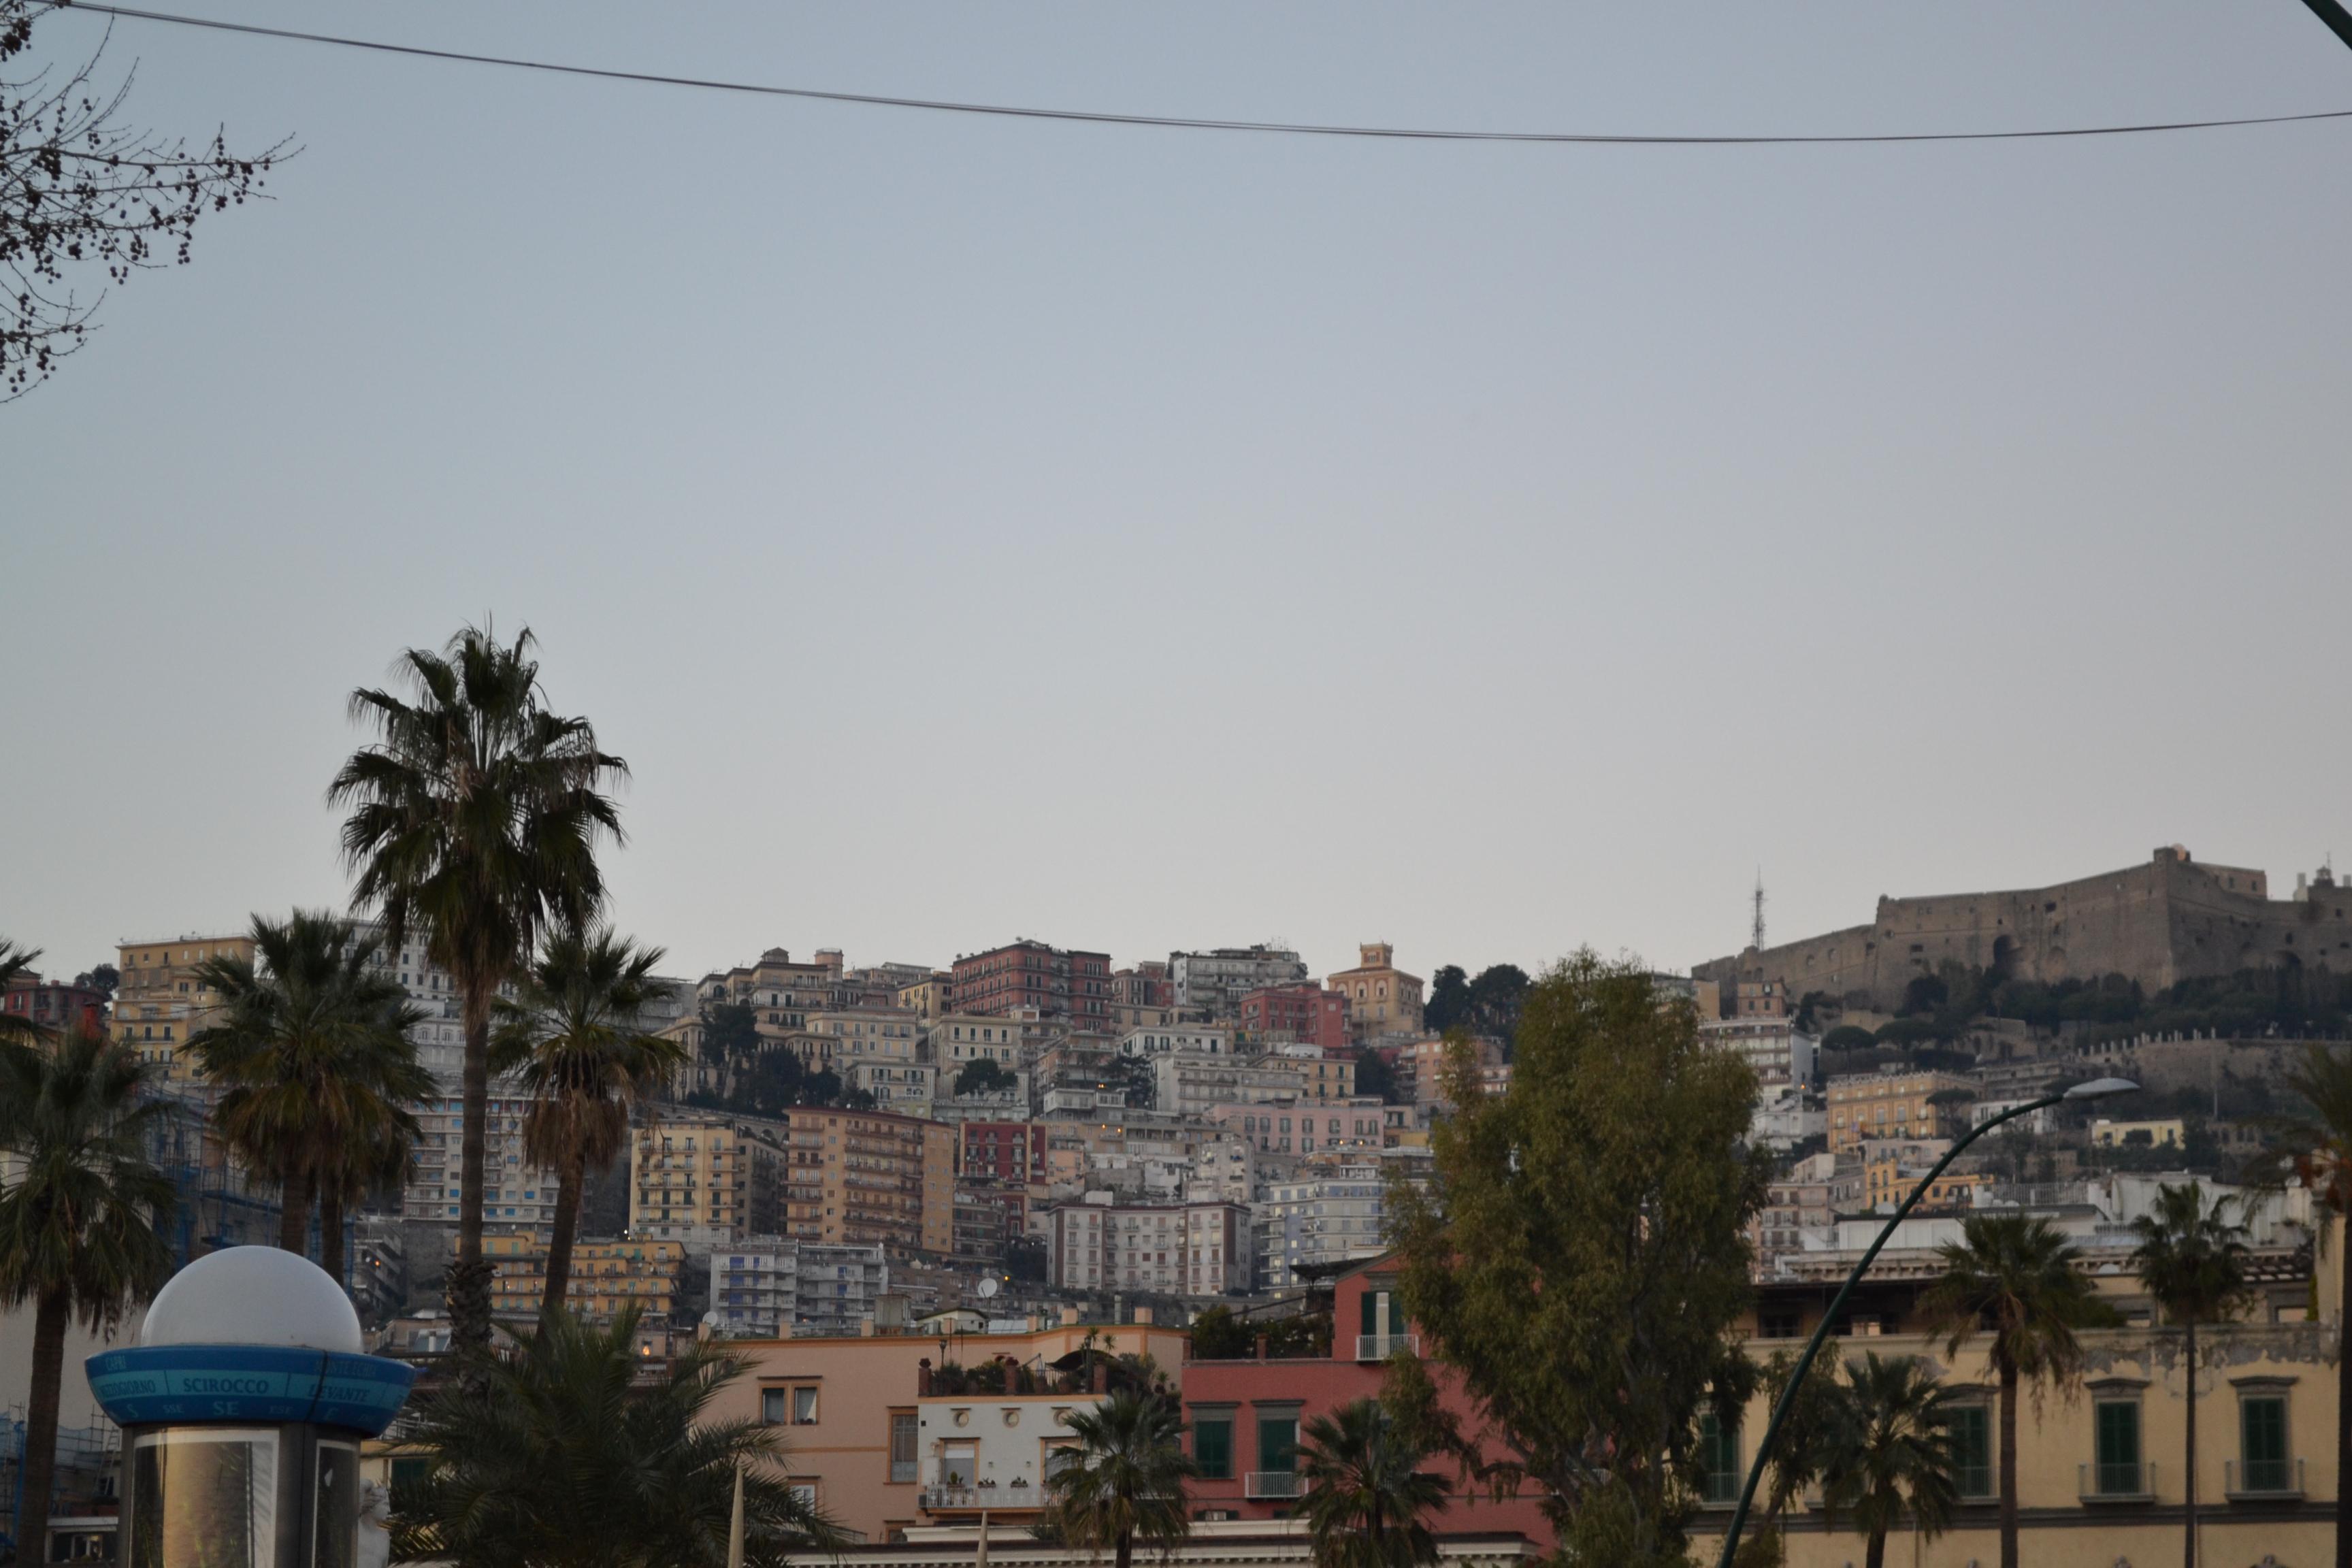 ITALIE - Naples - vue